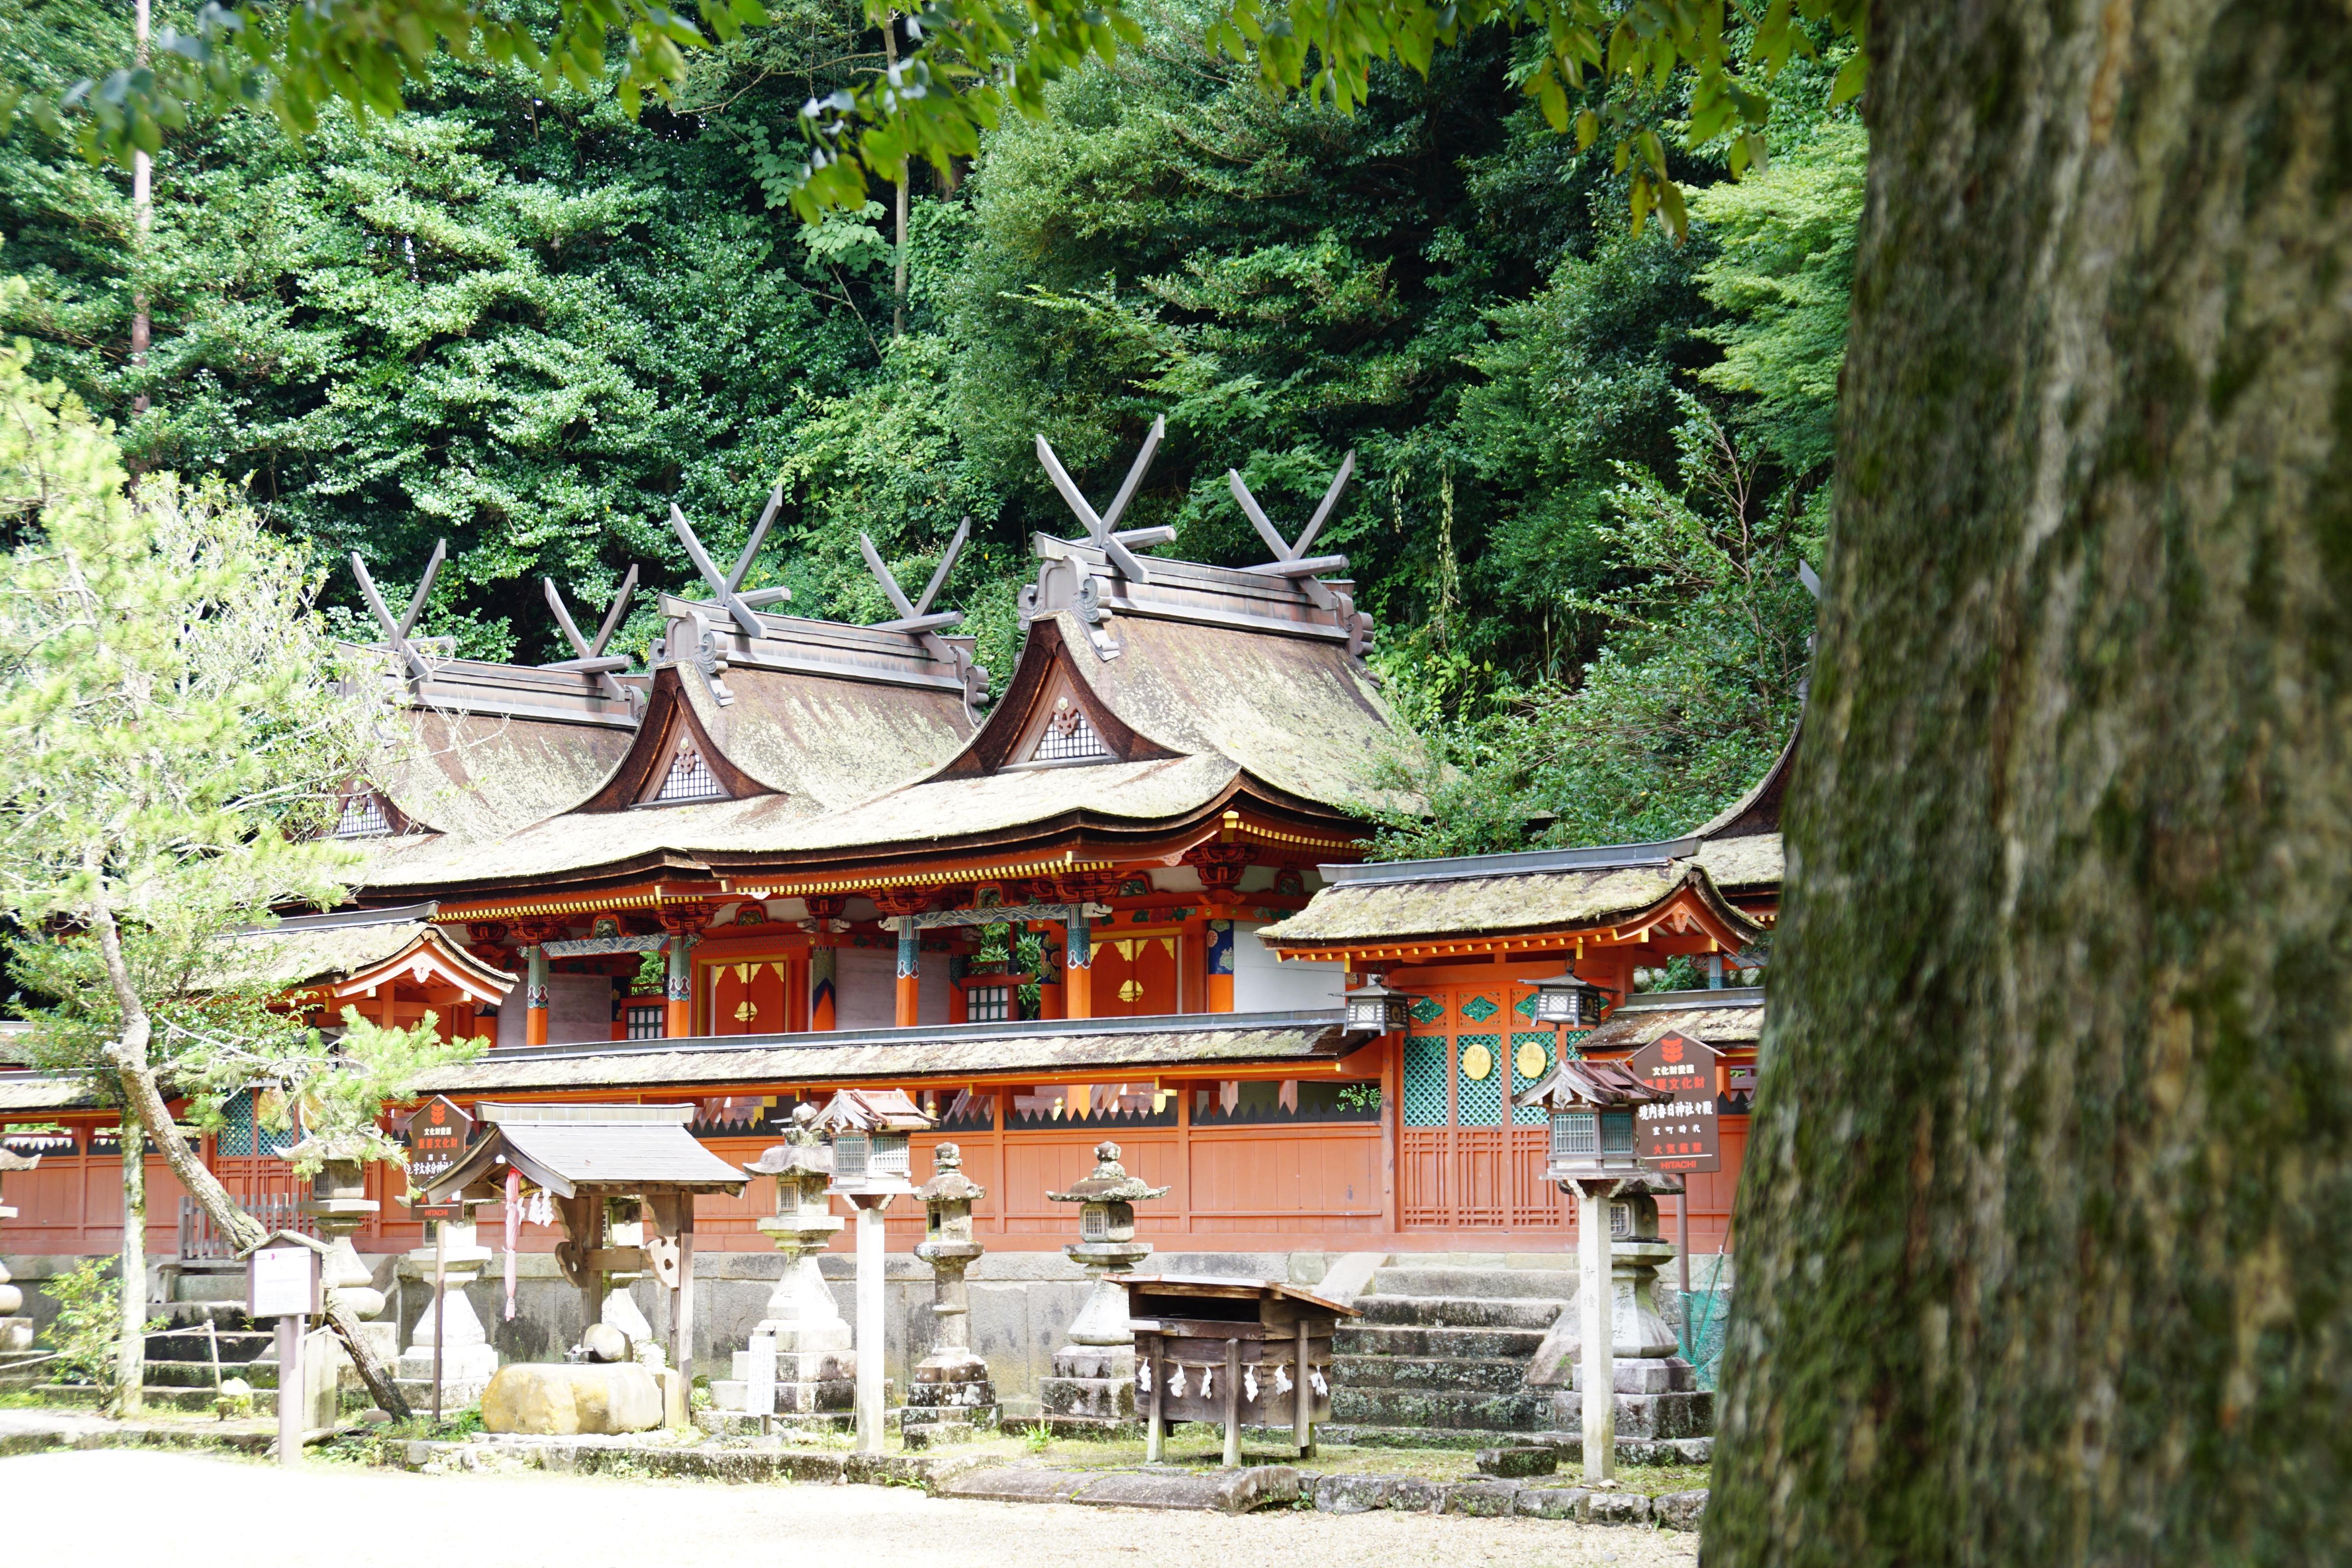 近くには宇太水分神社があります。雰囲気があって素敵でした。